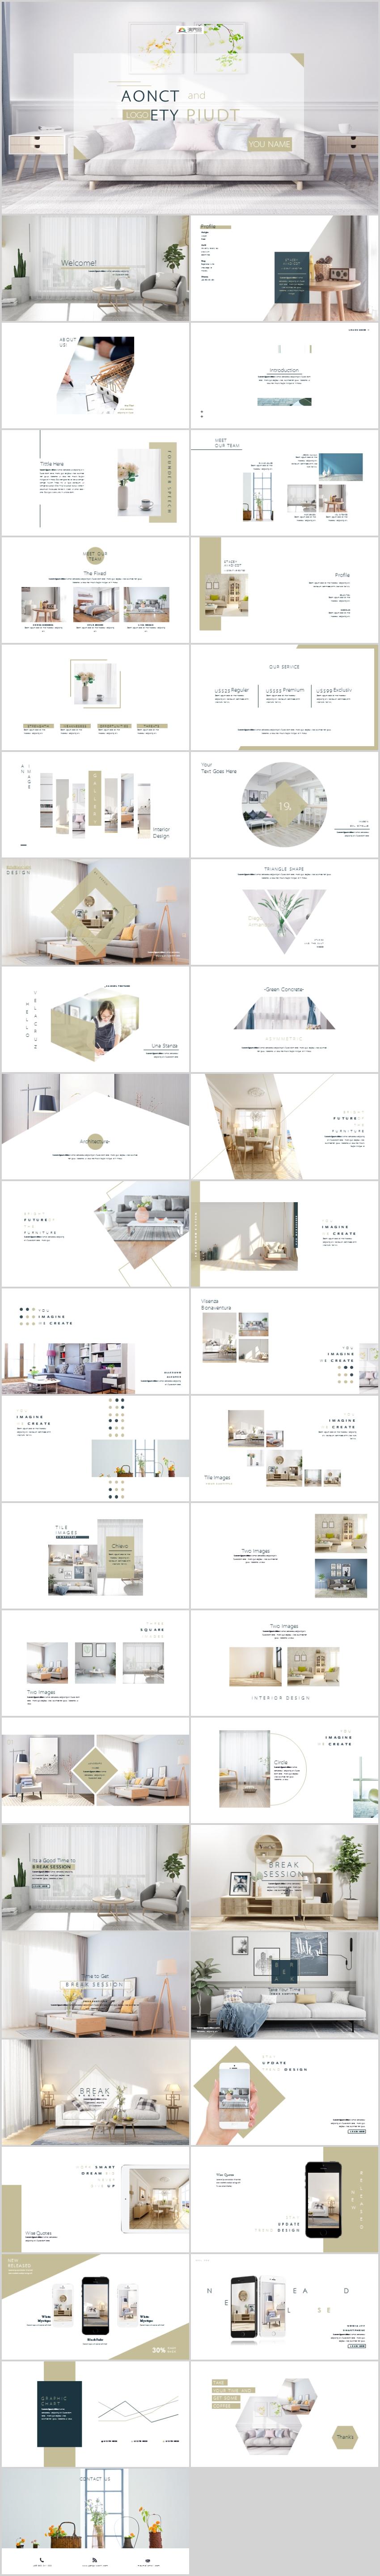 室内设计项目方案装潢装修房地产ppt模板简约清新清爽文艺唯美白色